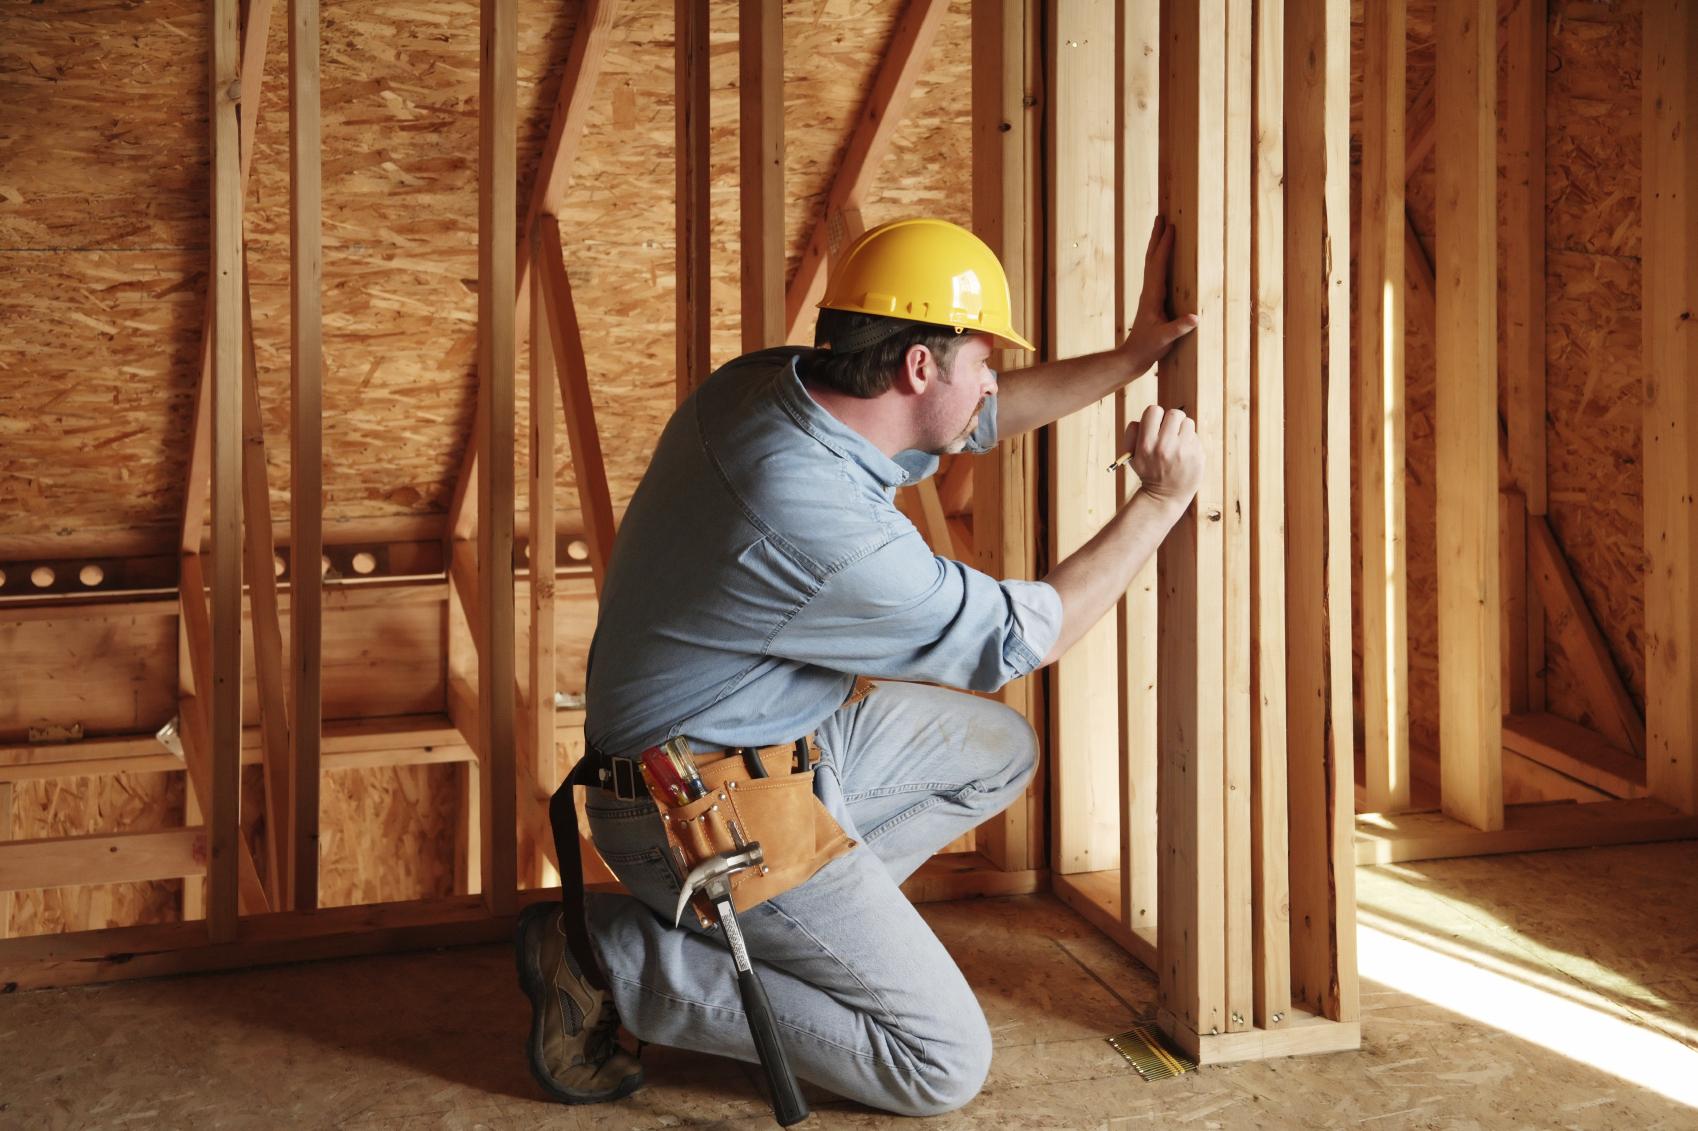 Мастер столярно-плотничных работ производит разметку на конструкции